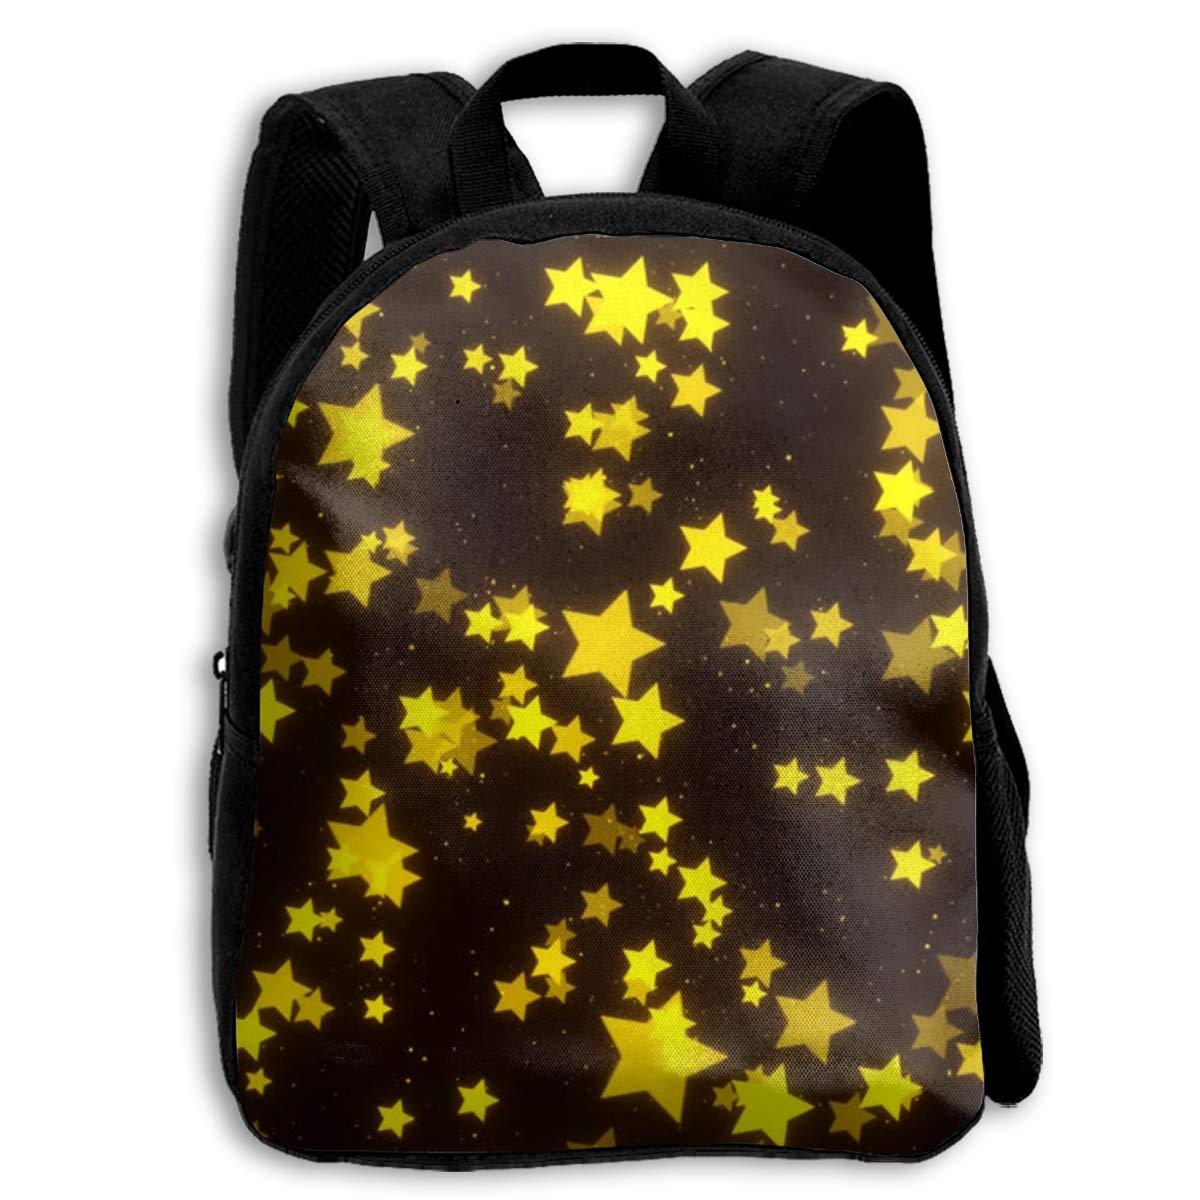 ボーイズブックバッグ 光る星 スクールバックパック 丈夫なスクールバッグ キャンピングストレージバッグ 旅行ショルダーバッグ 折りたたみ式バックパック B07L8NFSYH